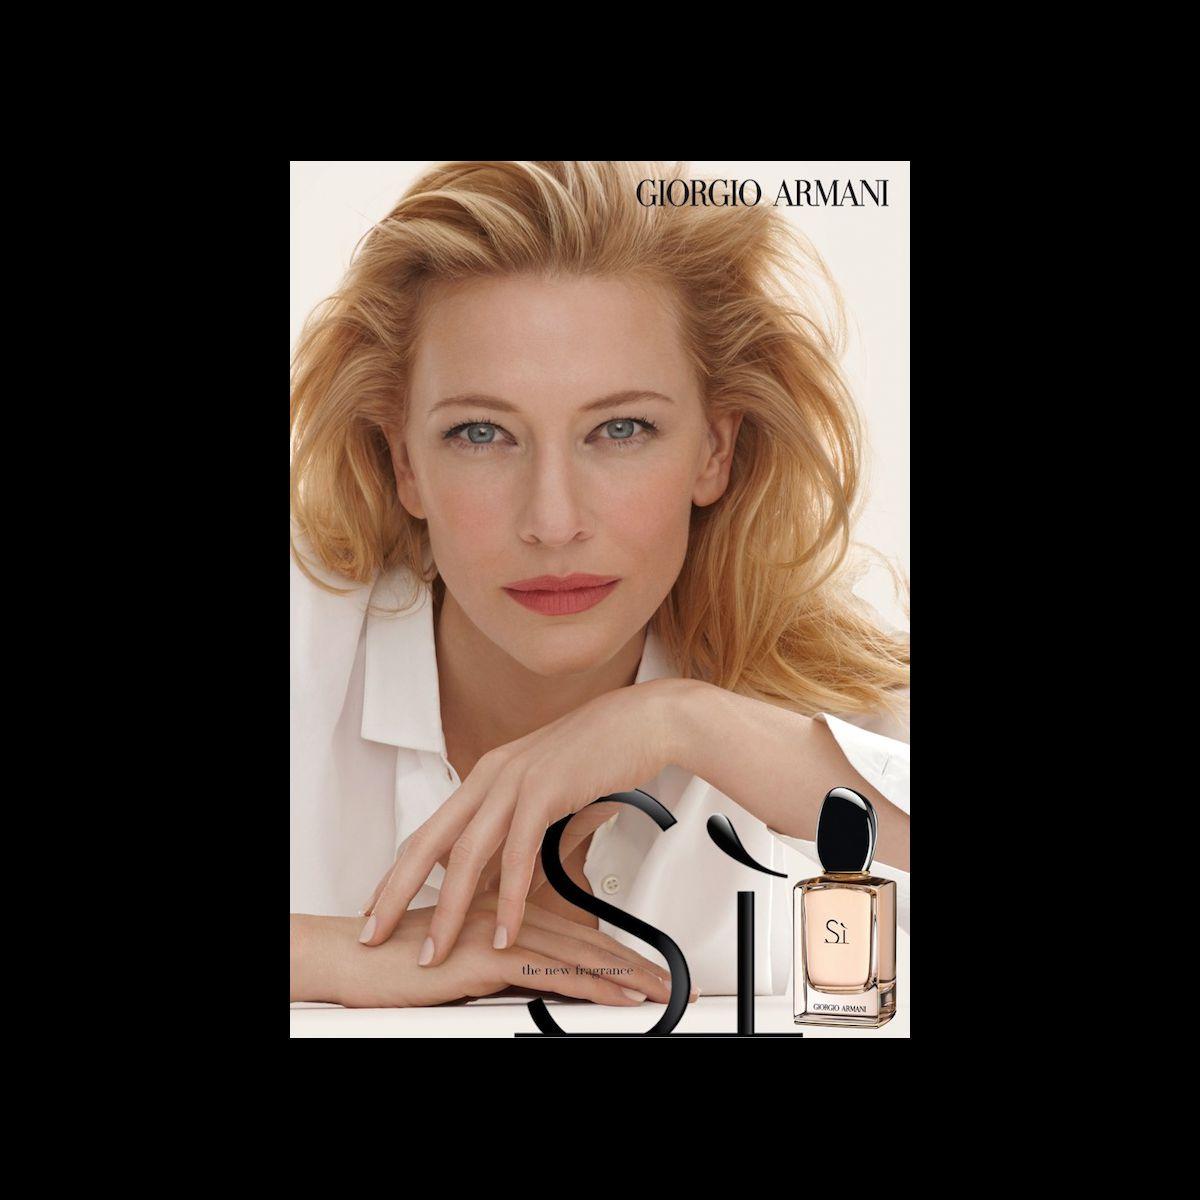 De Dollars BlanchettÉgérie Armani Cate Puremedias Pour Millions 10 nk80wPO